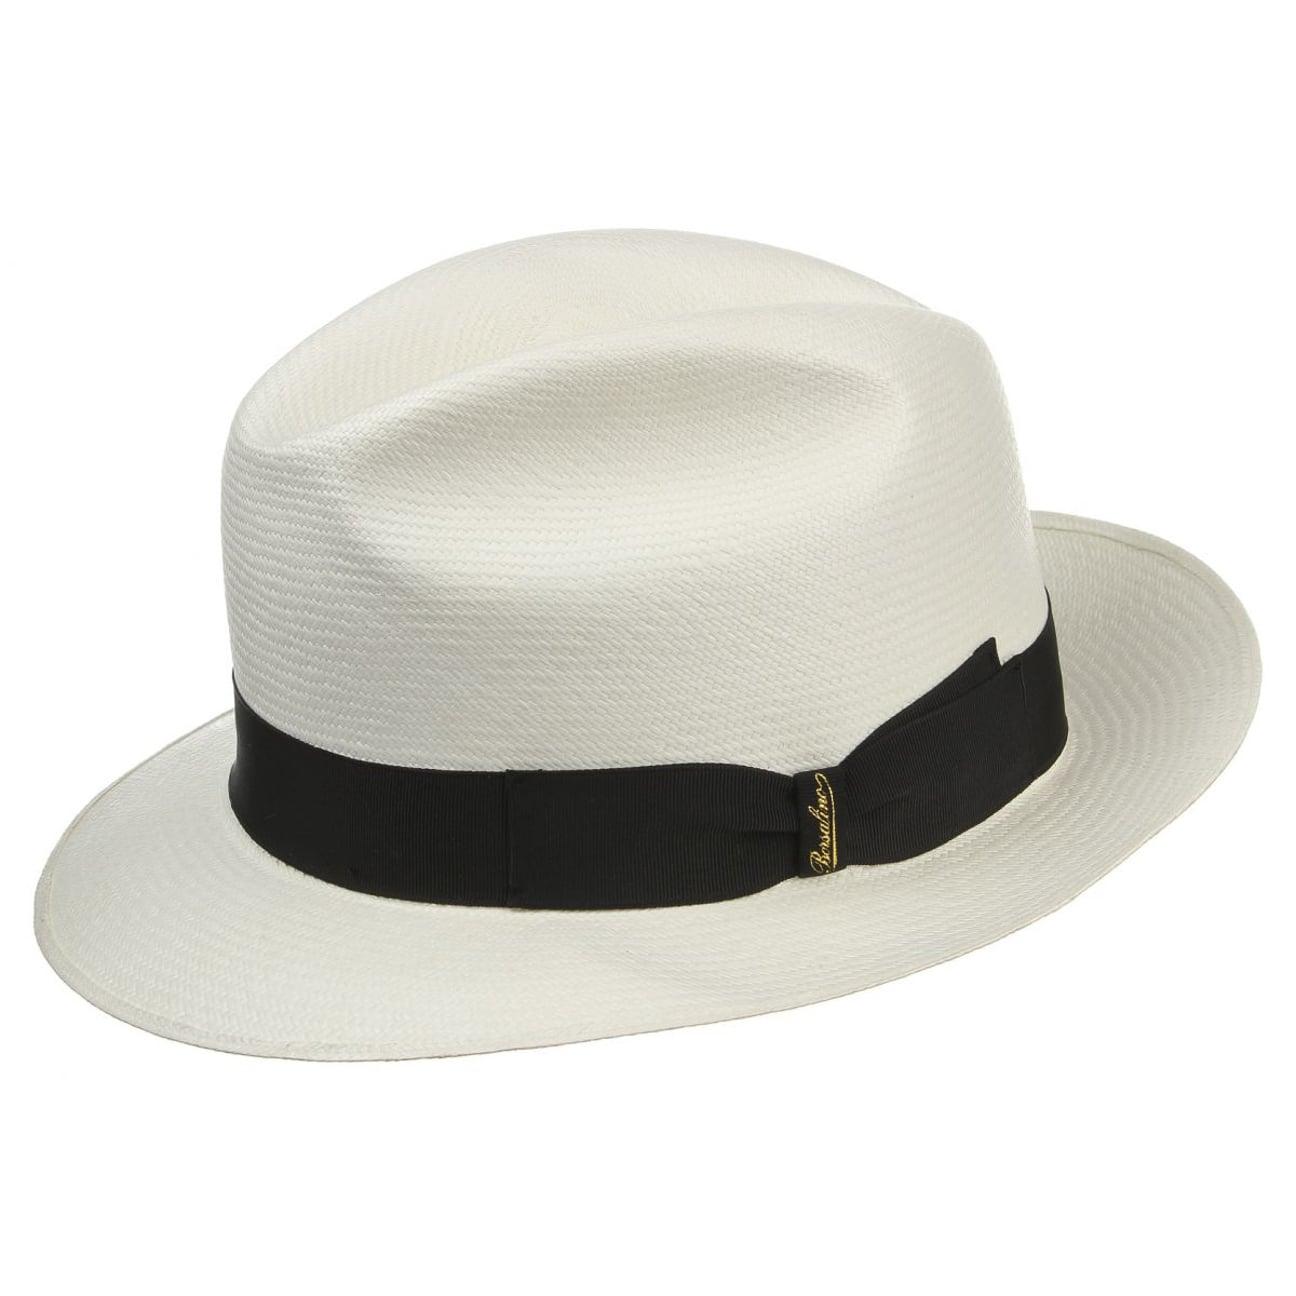 Sombrero de Paja de Hombre by Borsalino - Sombreros - sombreroshop.es 42d9813d11c